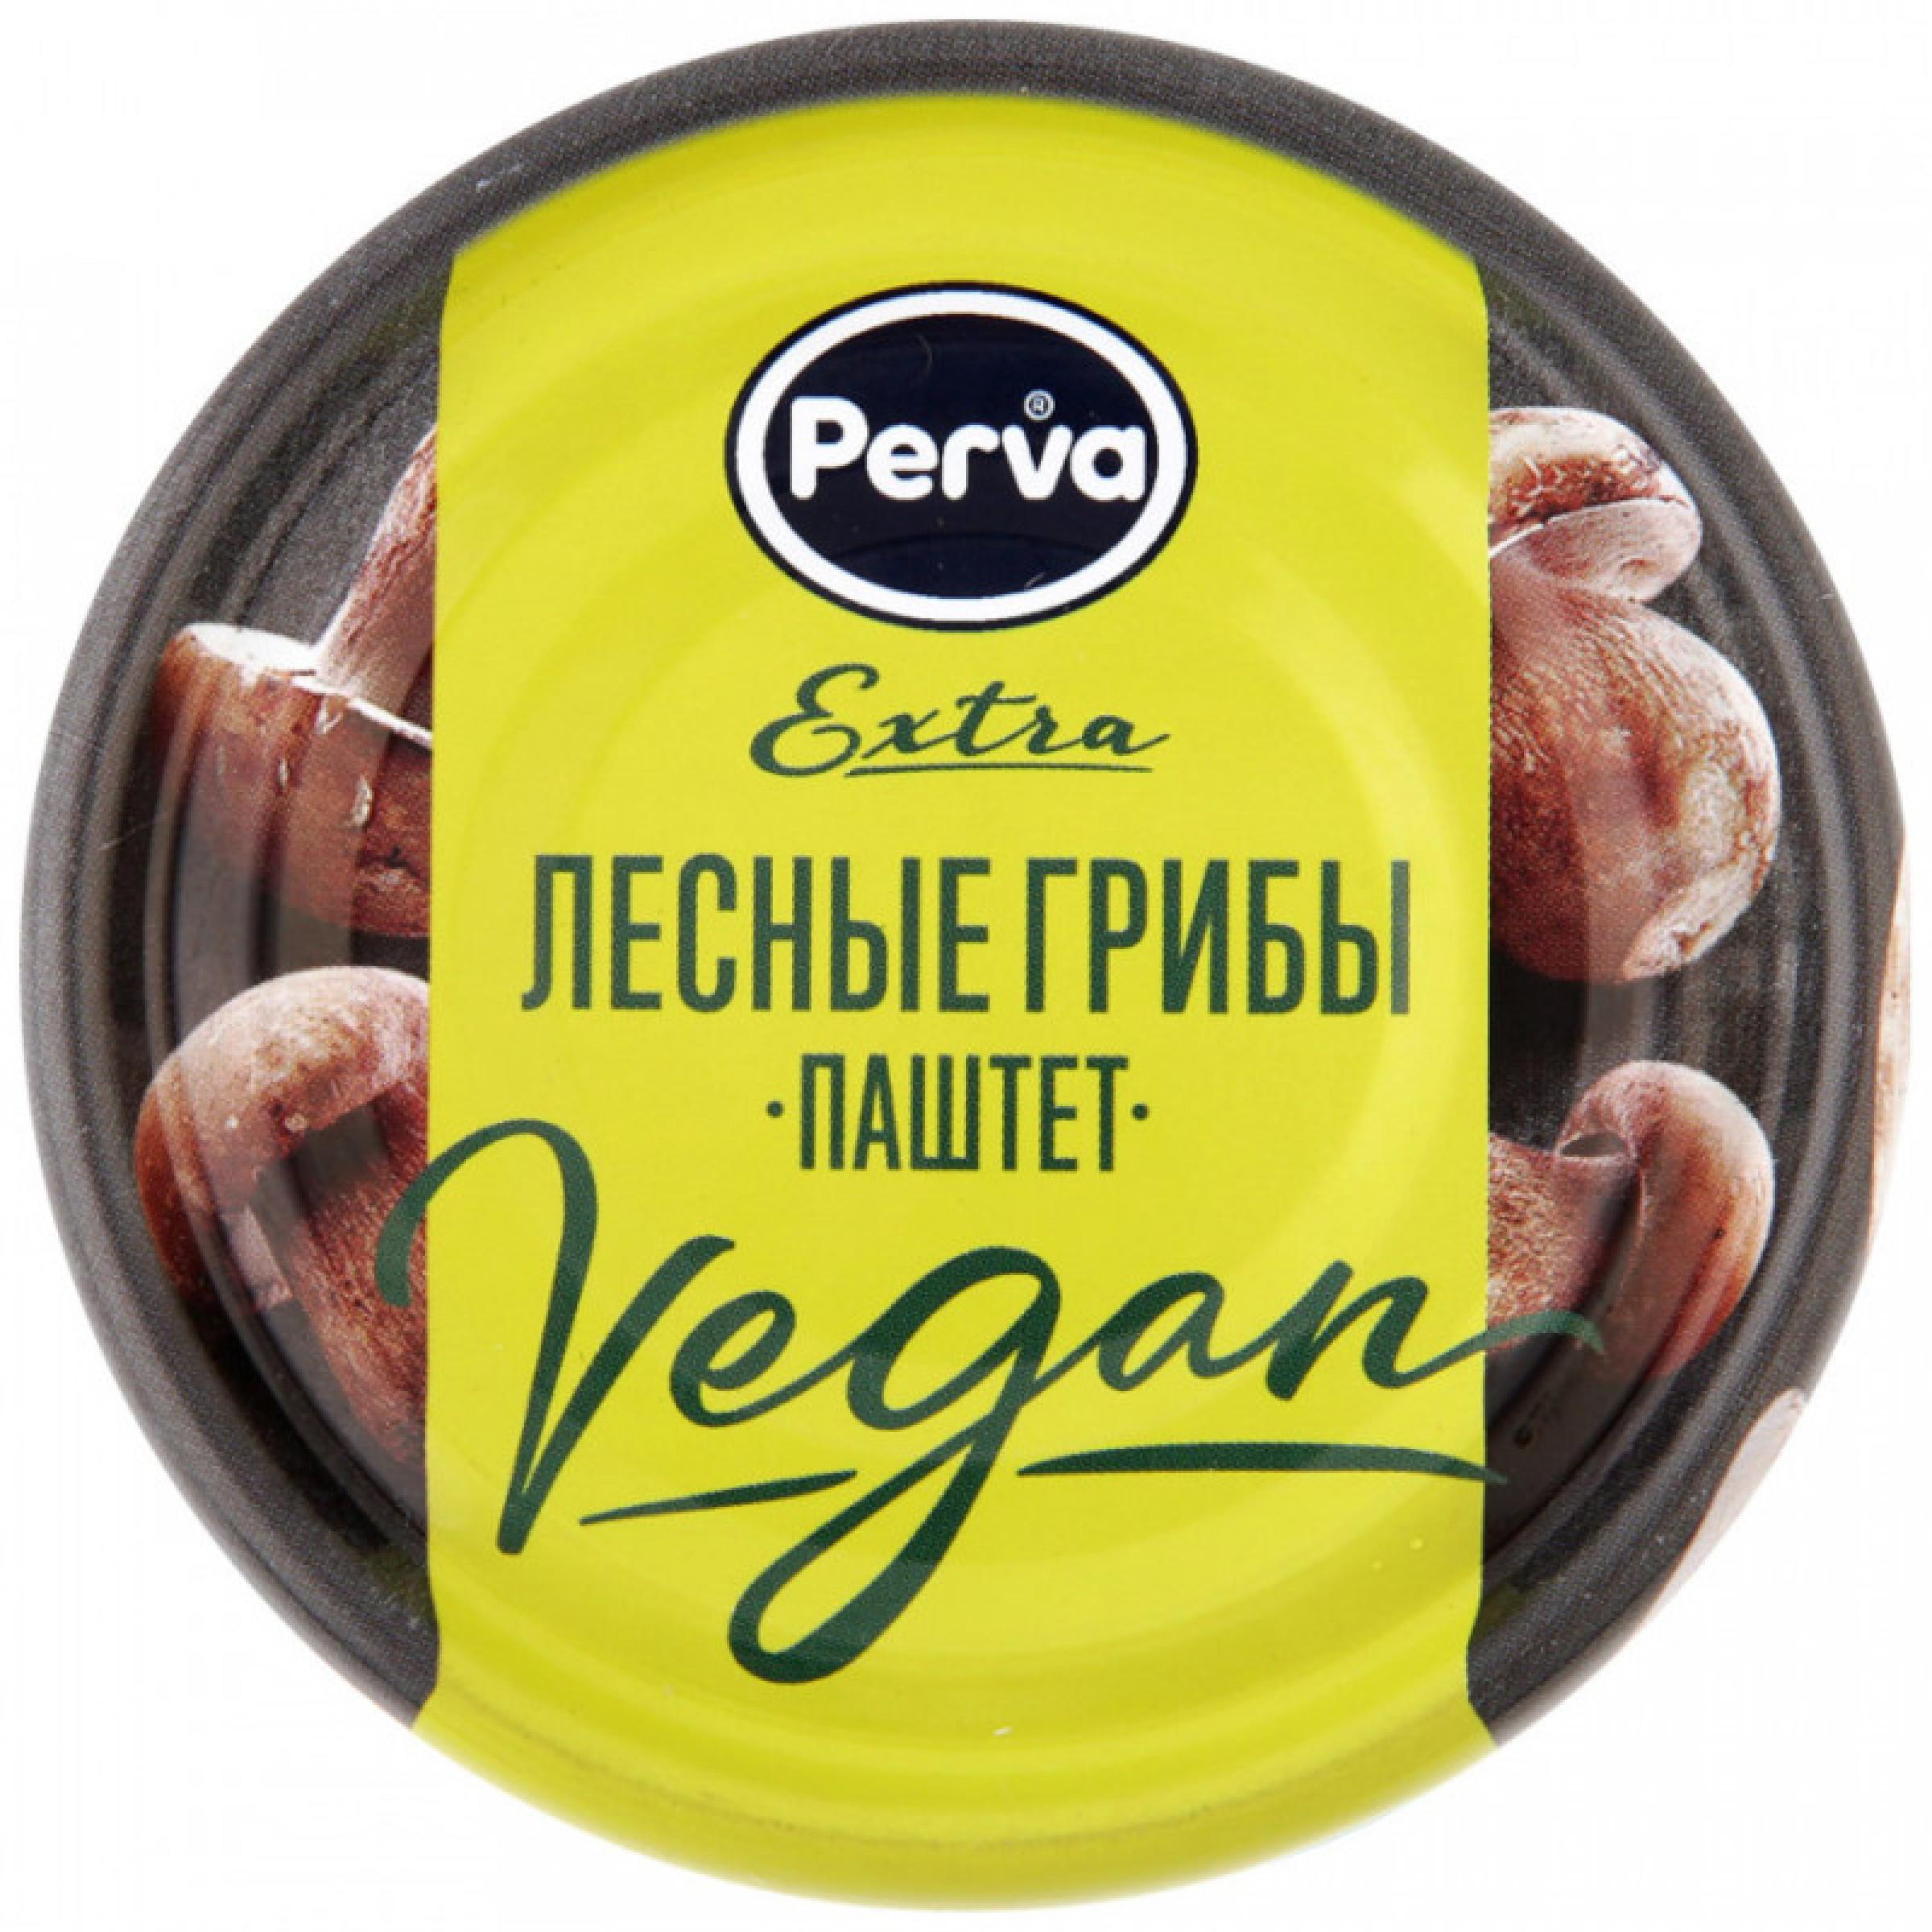 """Паштет """"Perva"""" Extra Веган с лесными грибами, 100 г"""